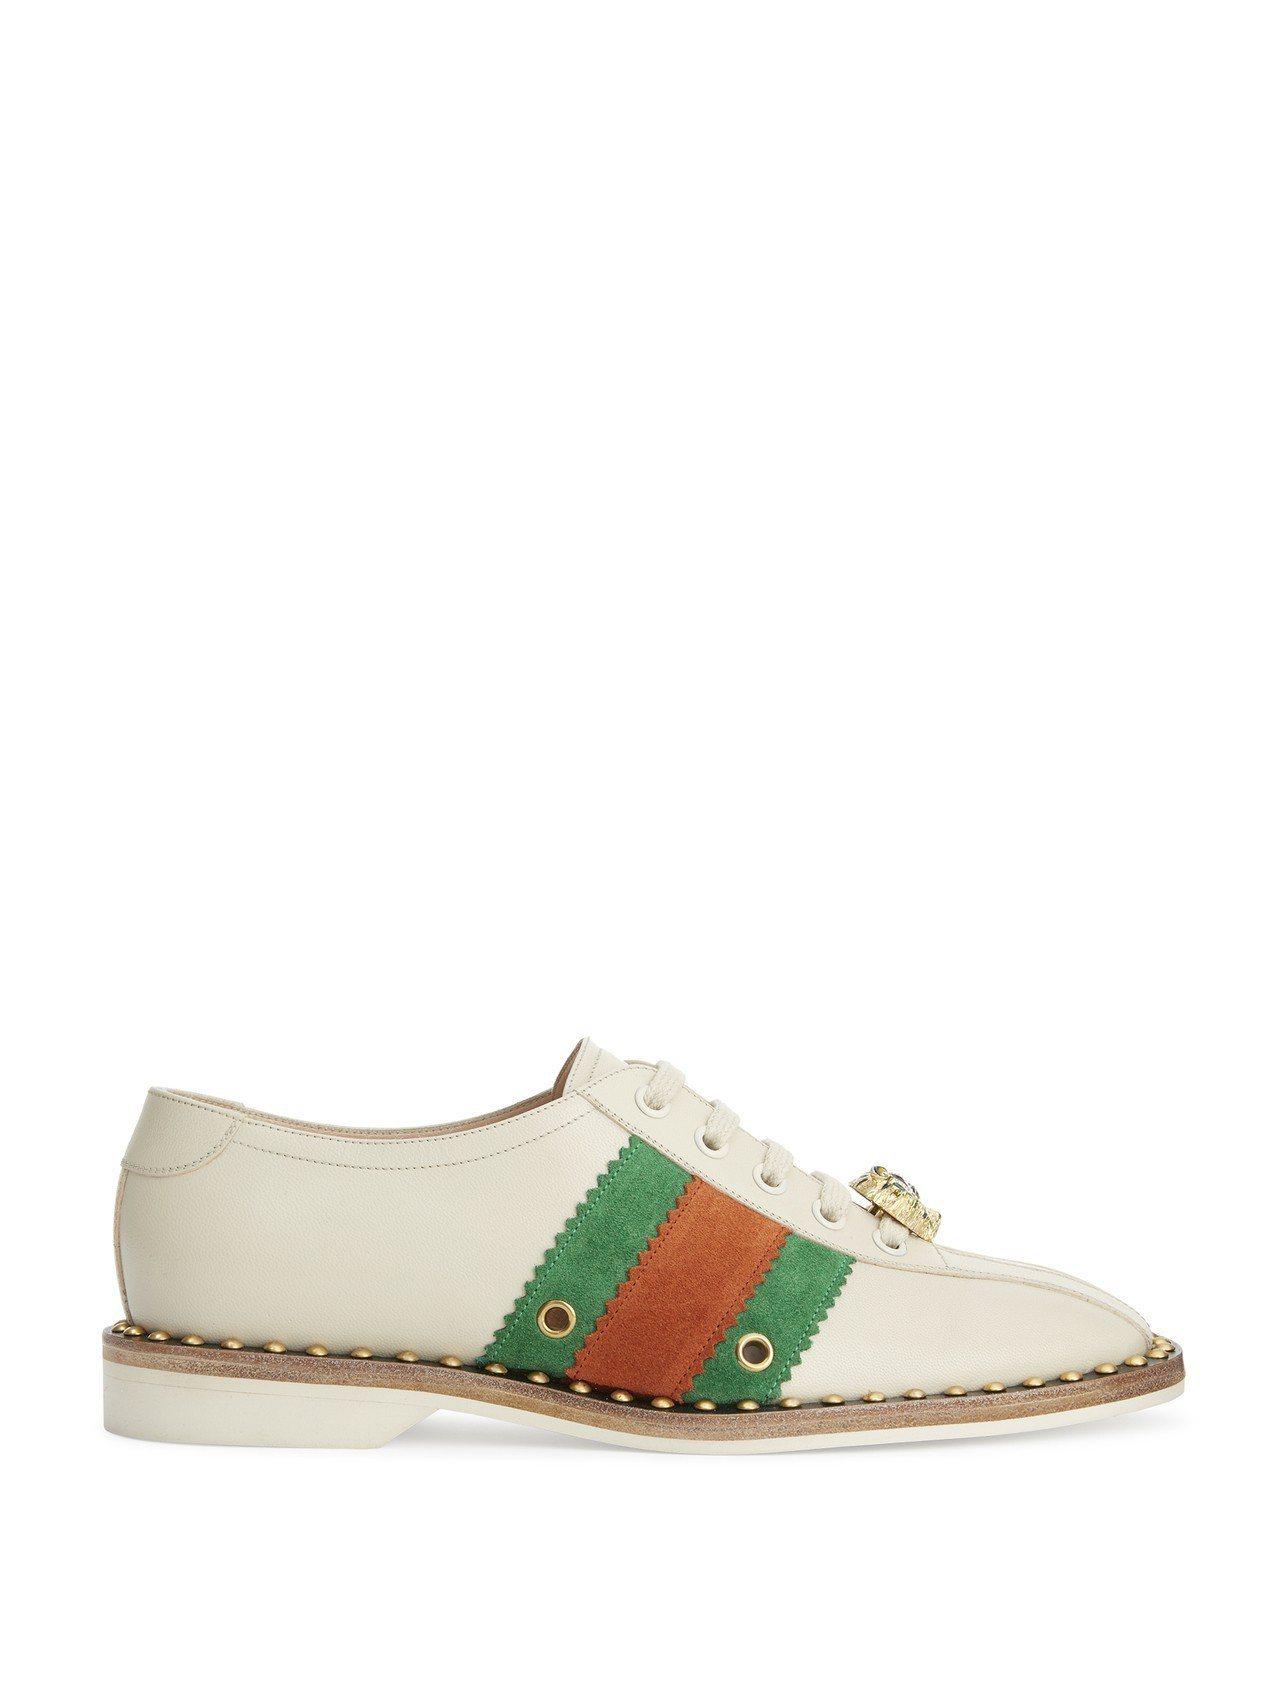 搭配Gucci經典紅綠織帶的皮鞋結合虎頭與金屬鑲嵌木頭鞋底,散發濃厚復古優雅質感...